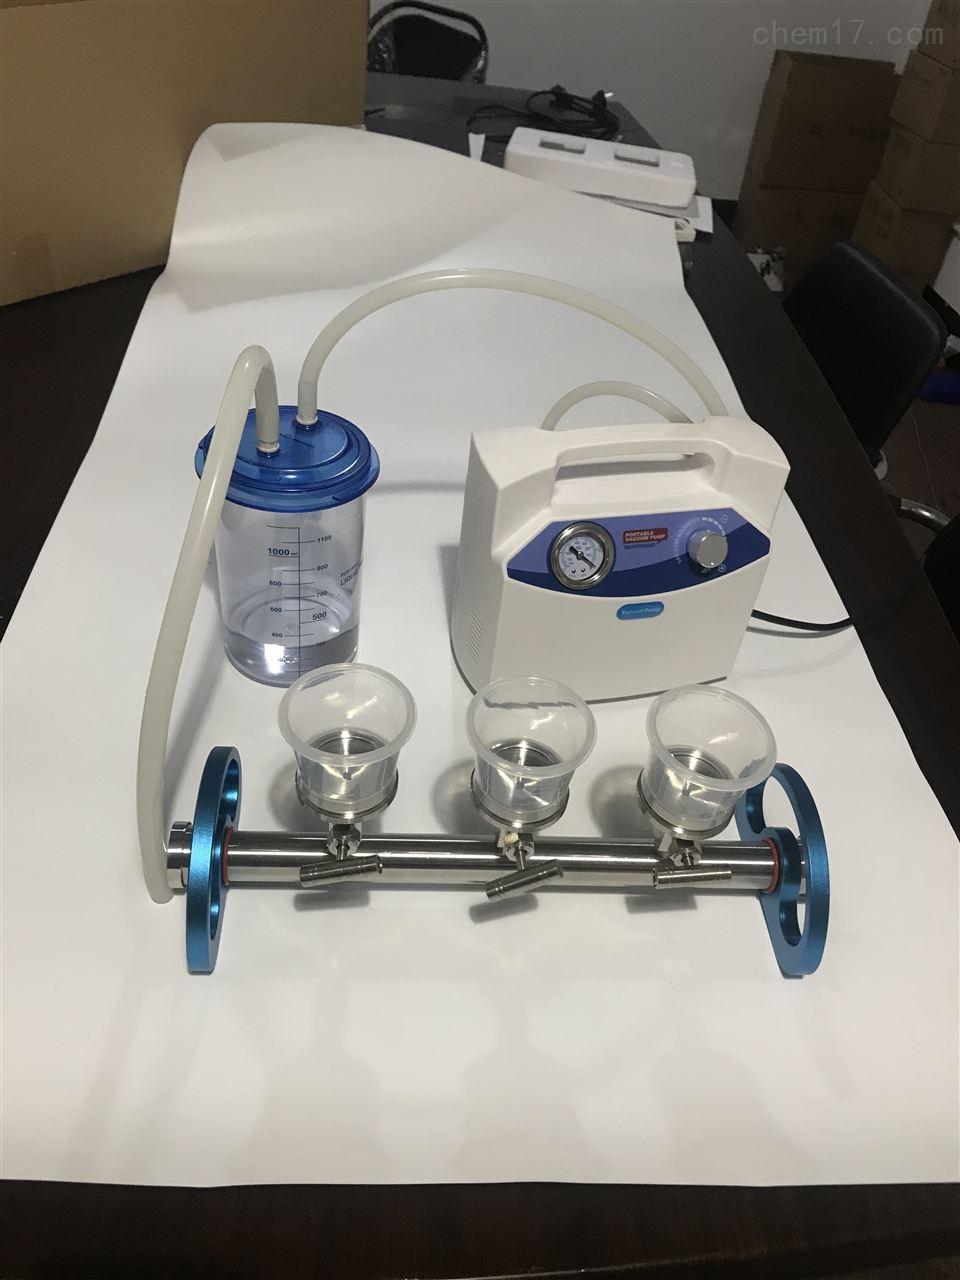 微生物限度检查仪CYW-600S6联限度过滤器